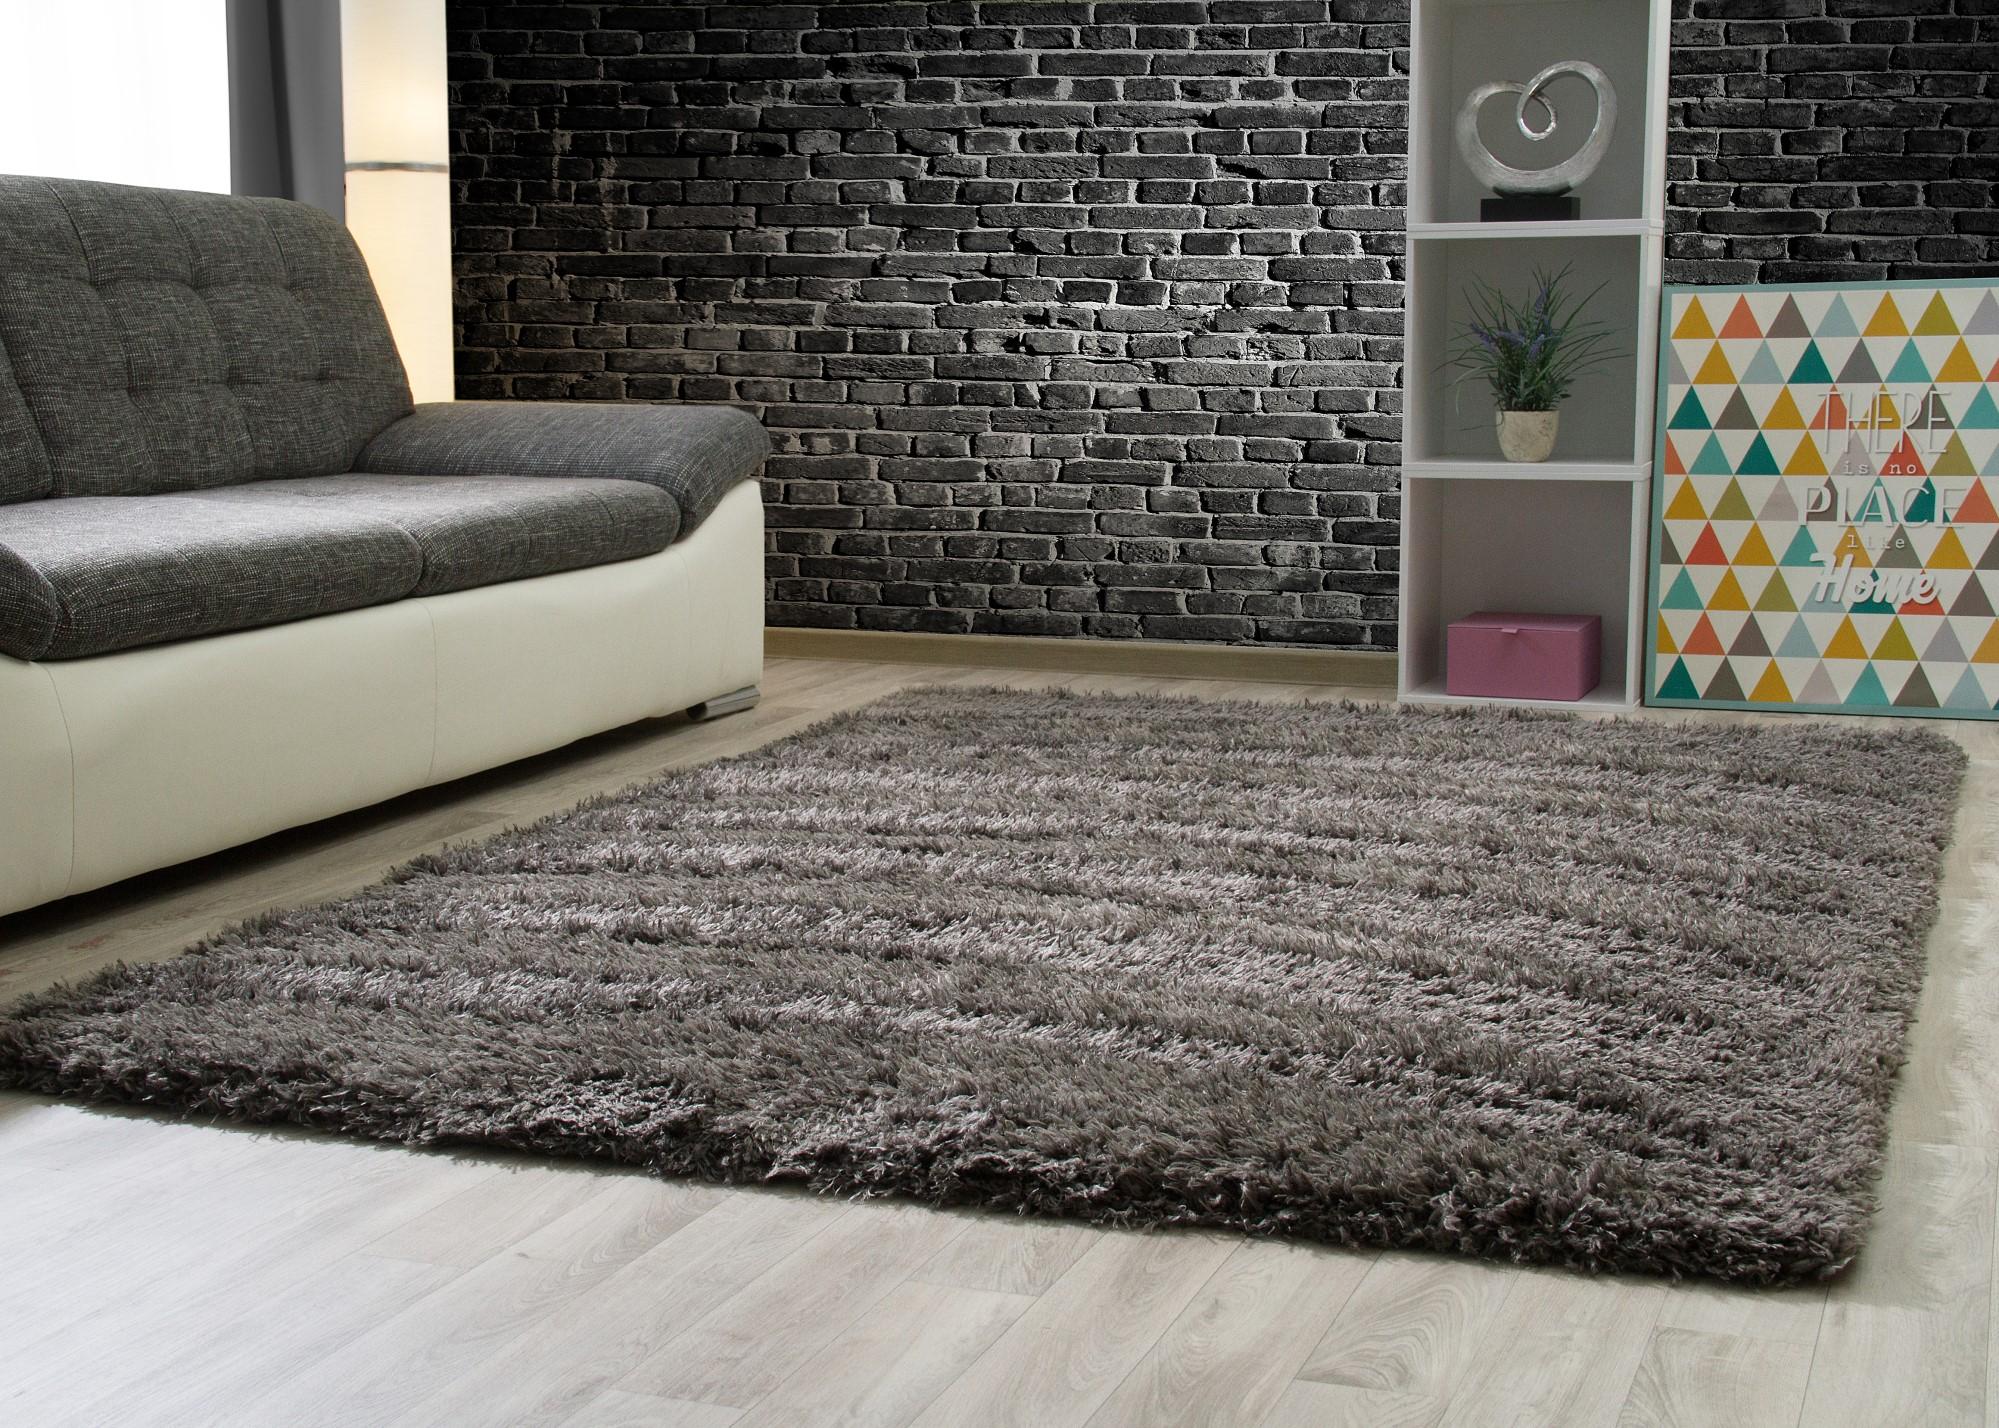 hochflor langflor teppich pindos weich flauschig wohnzimmer esszimmer ebay. Black Bedroom Furniture Sets. Home Design Ideas